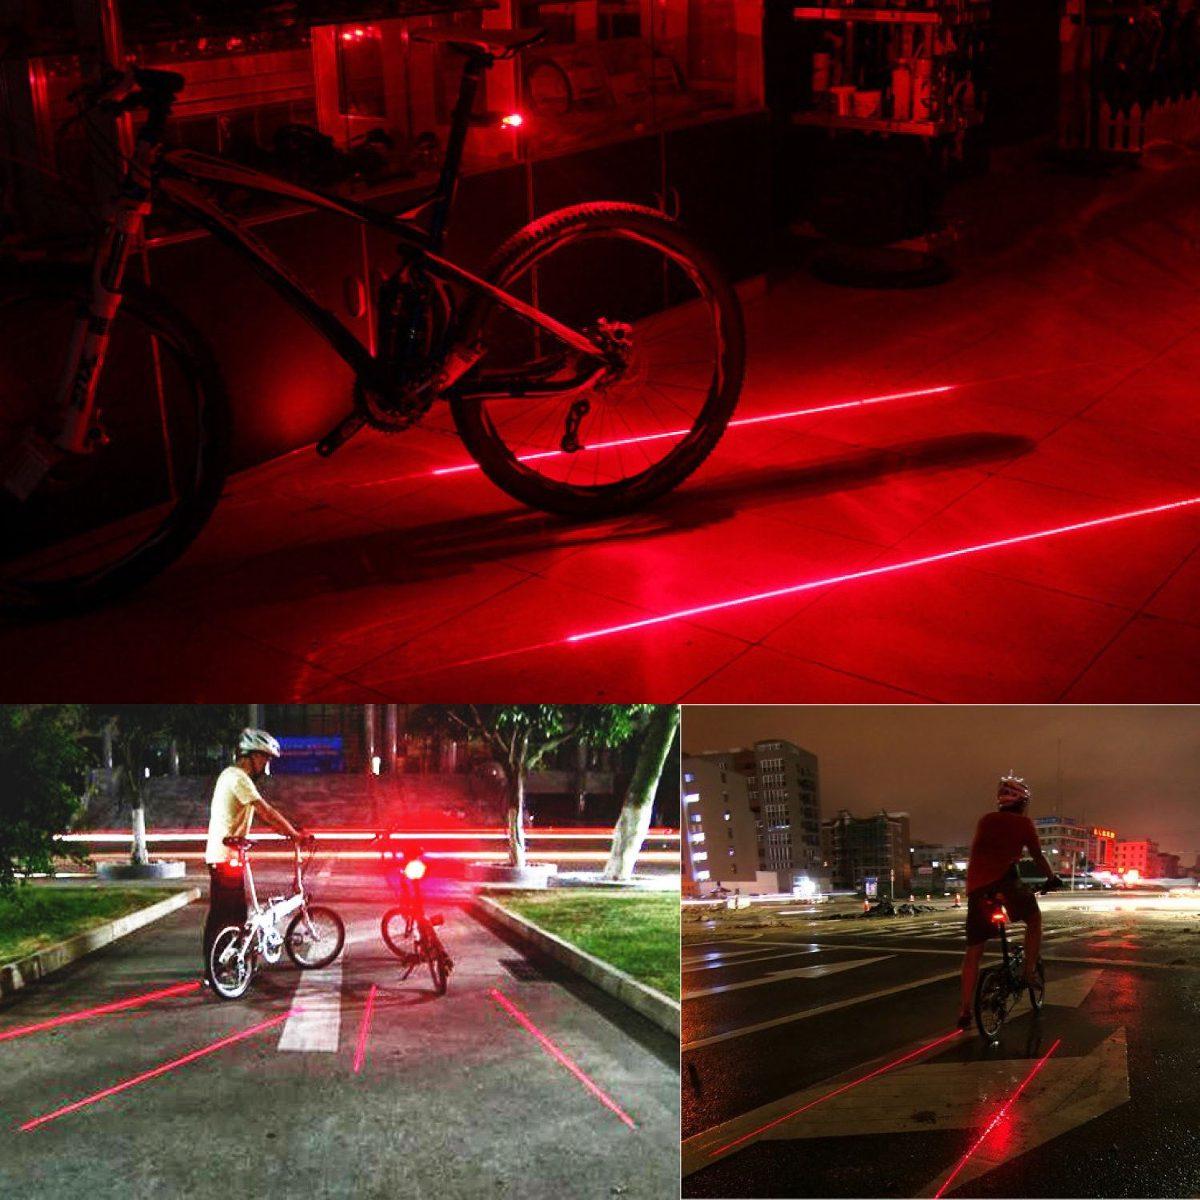 Luz Trasera Con Laser Laterales Para Bicicleta 295 00